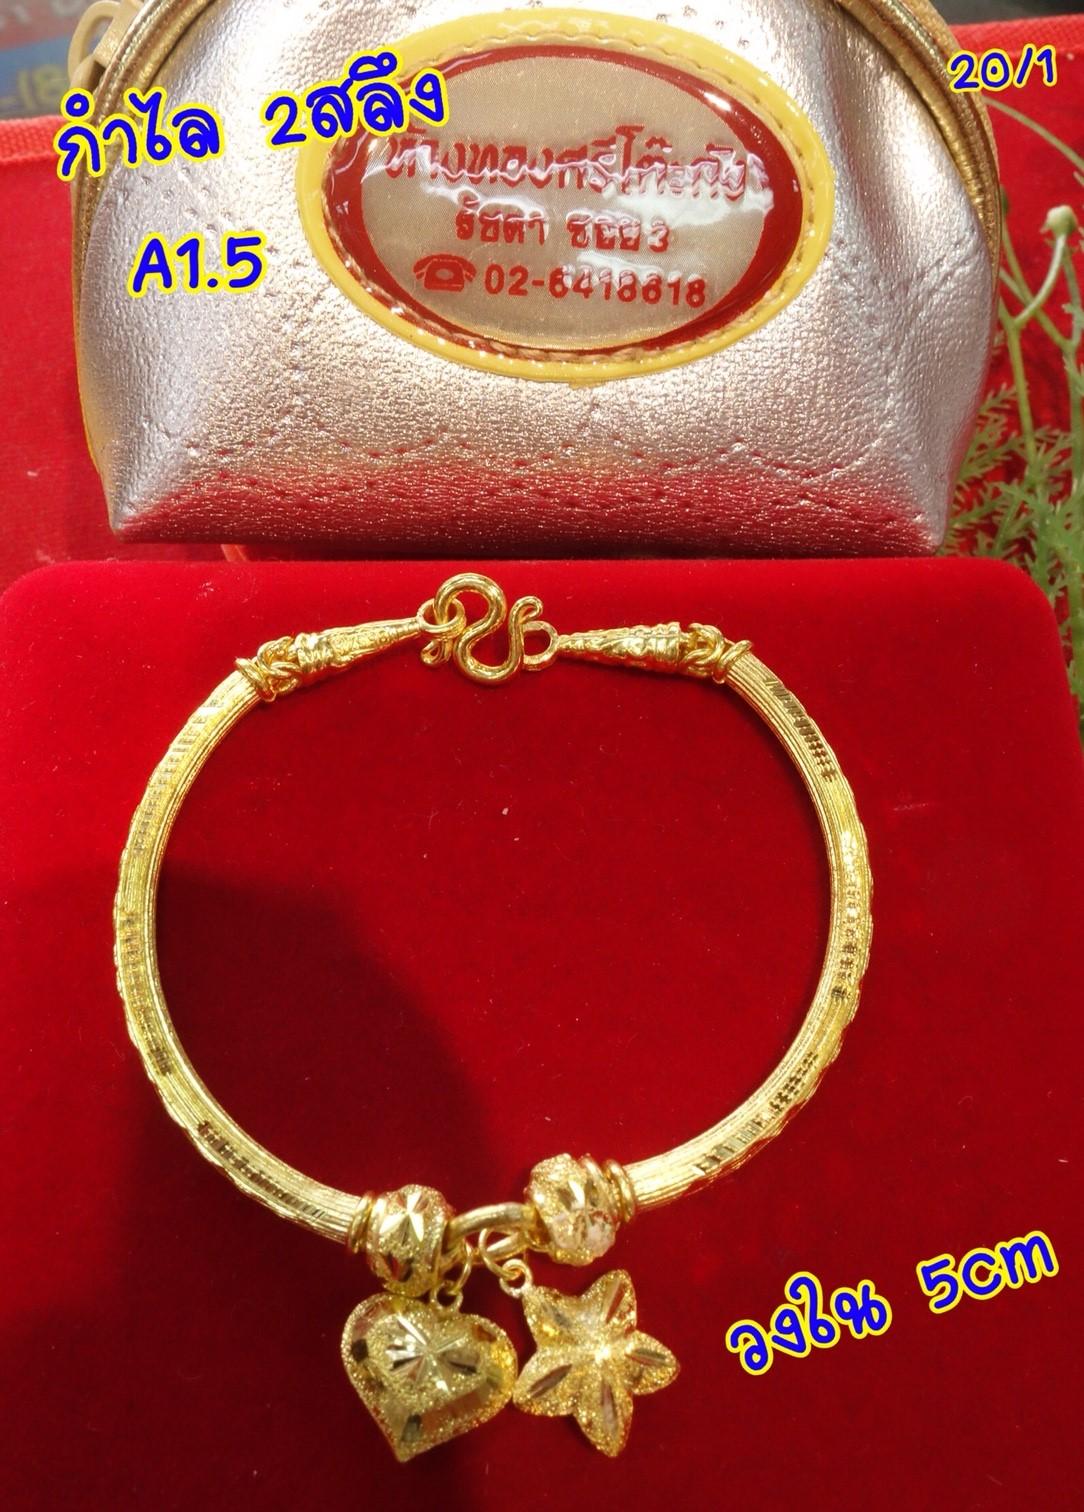 กำไลข้อมือทองแท้ 96.5% หนัก 2 สลึง (7.6 กรัม)